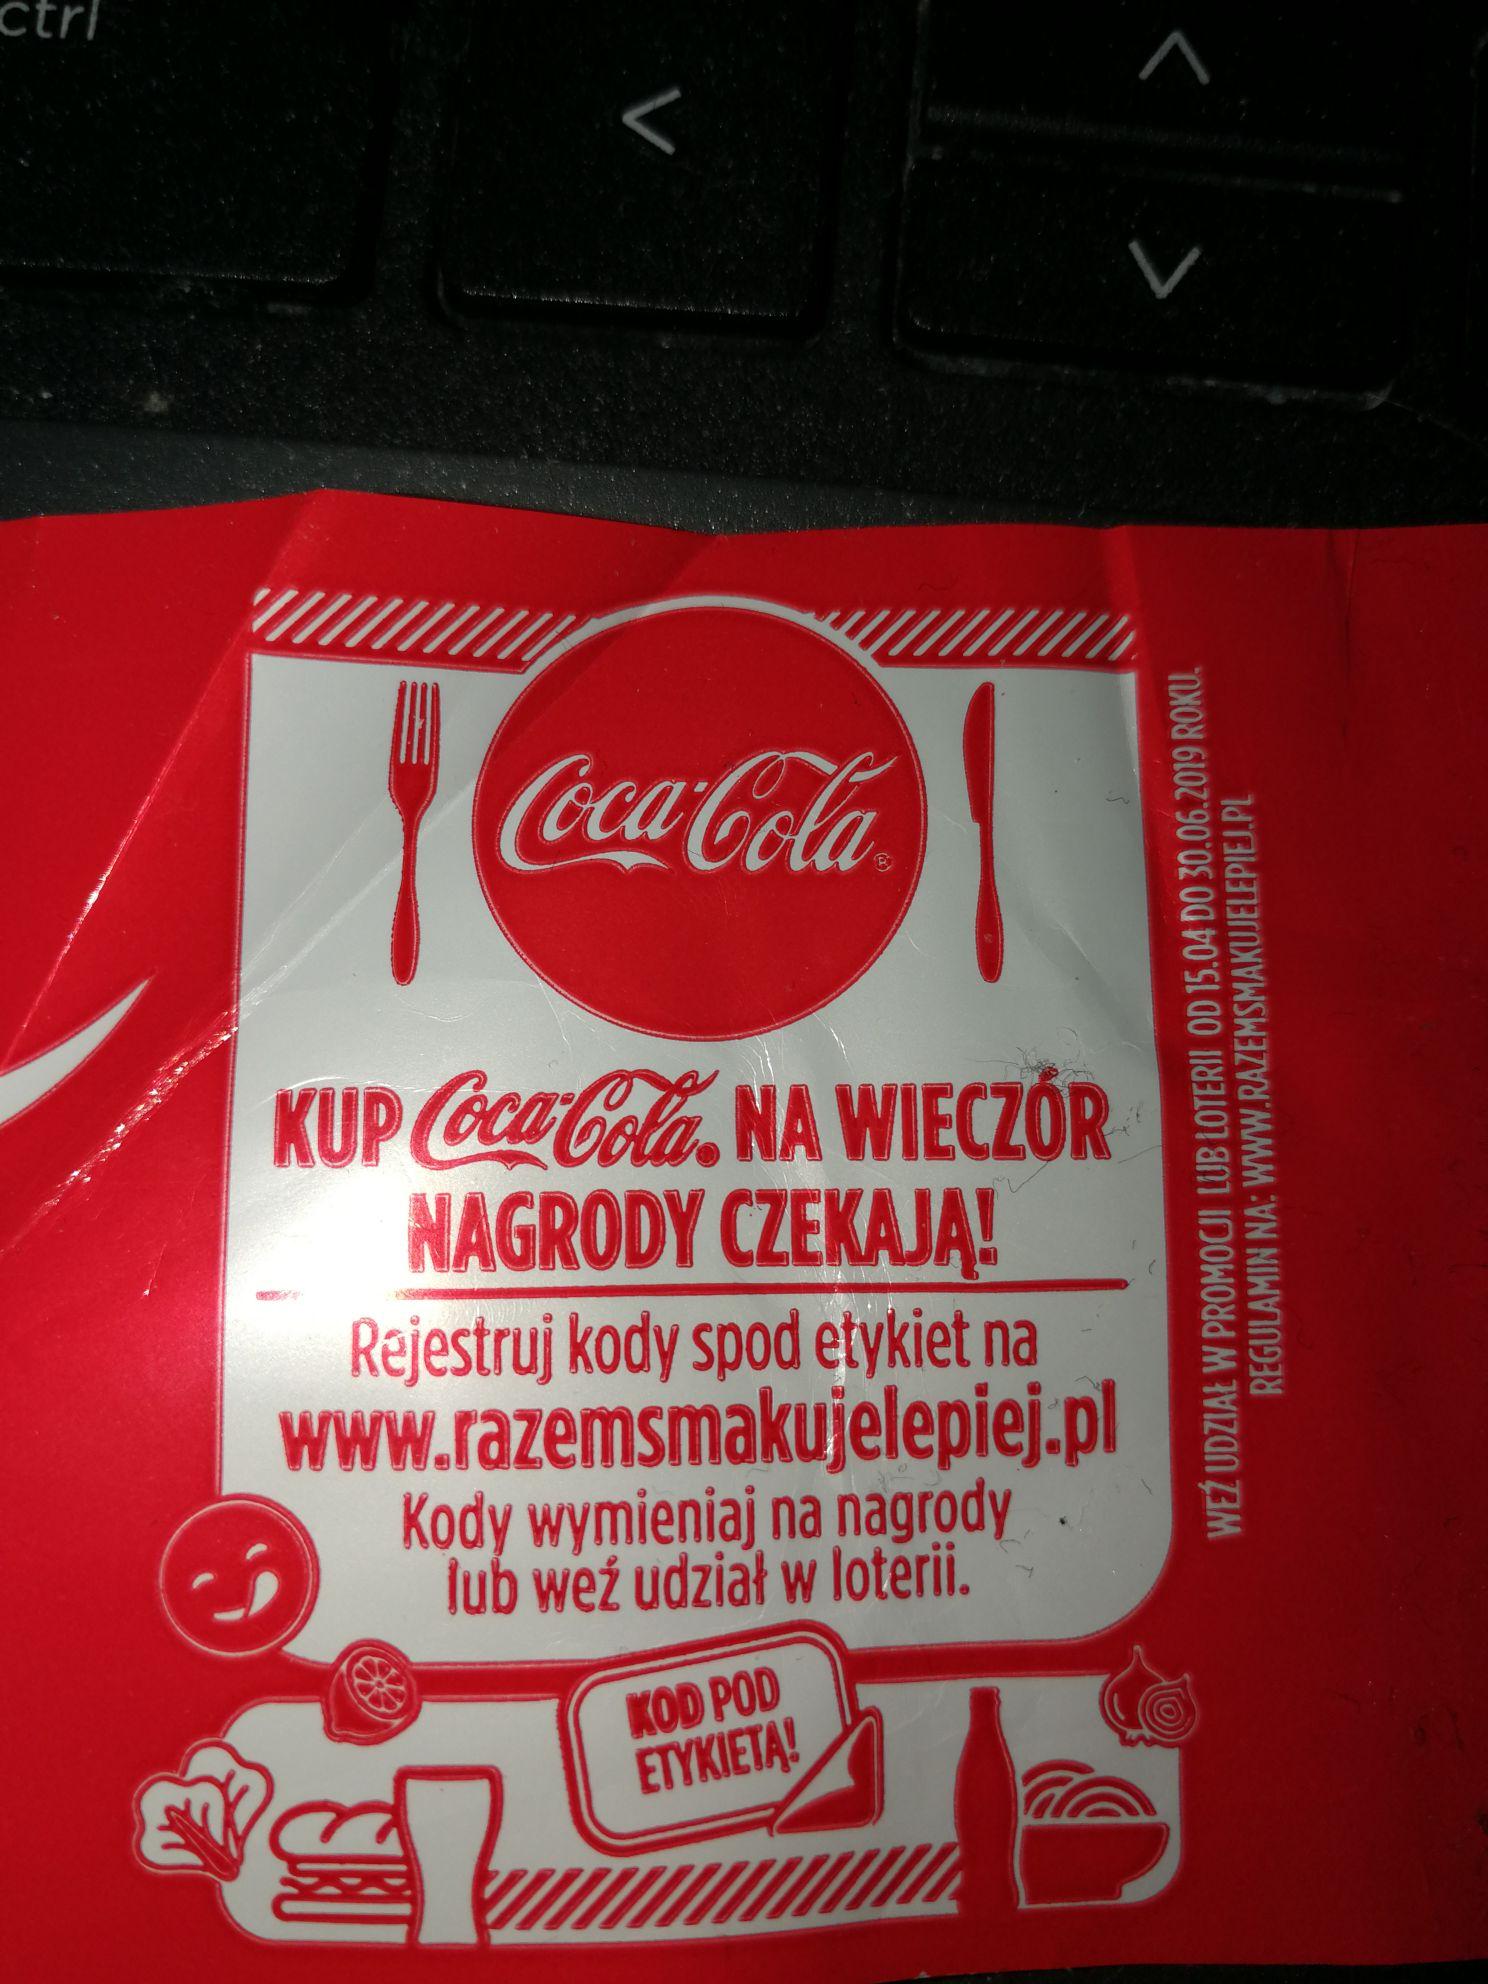 Loteria Coca-Cola kupony multikino, uber eats, duka